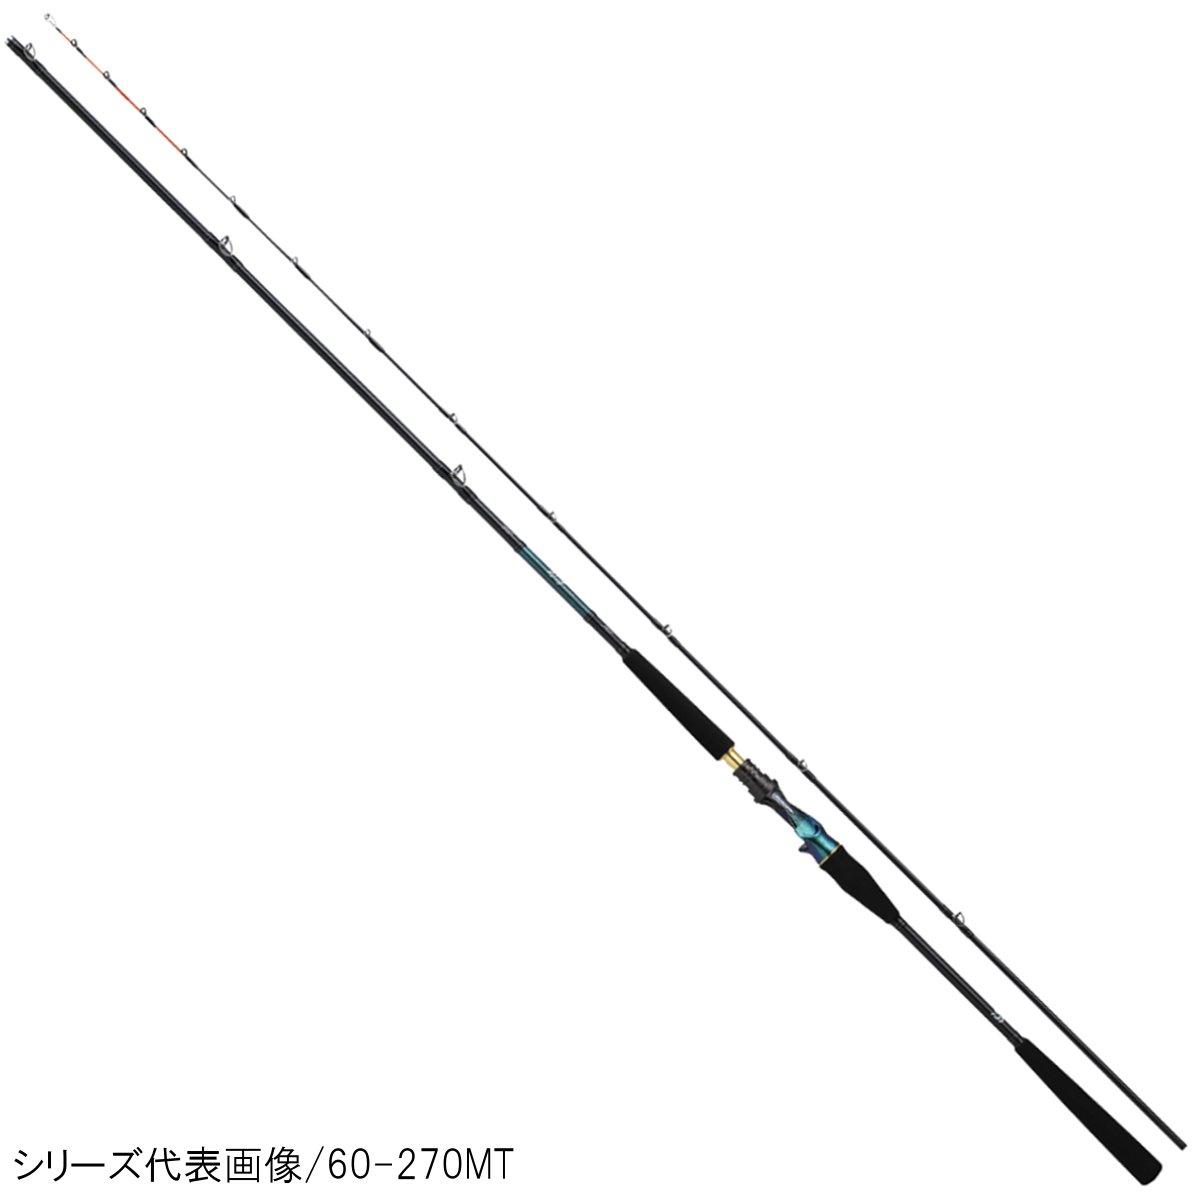 【8/1-2は夏の陣!最大P47倍!】ダイワ 剣崎 MT 30-230MT(東日本店)